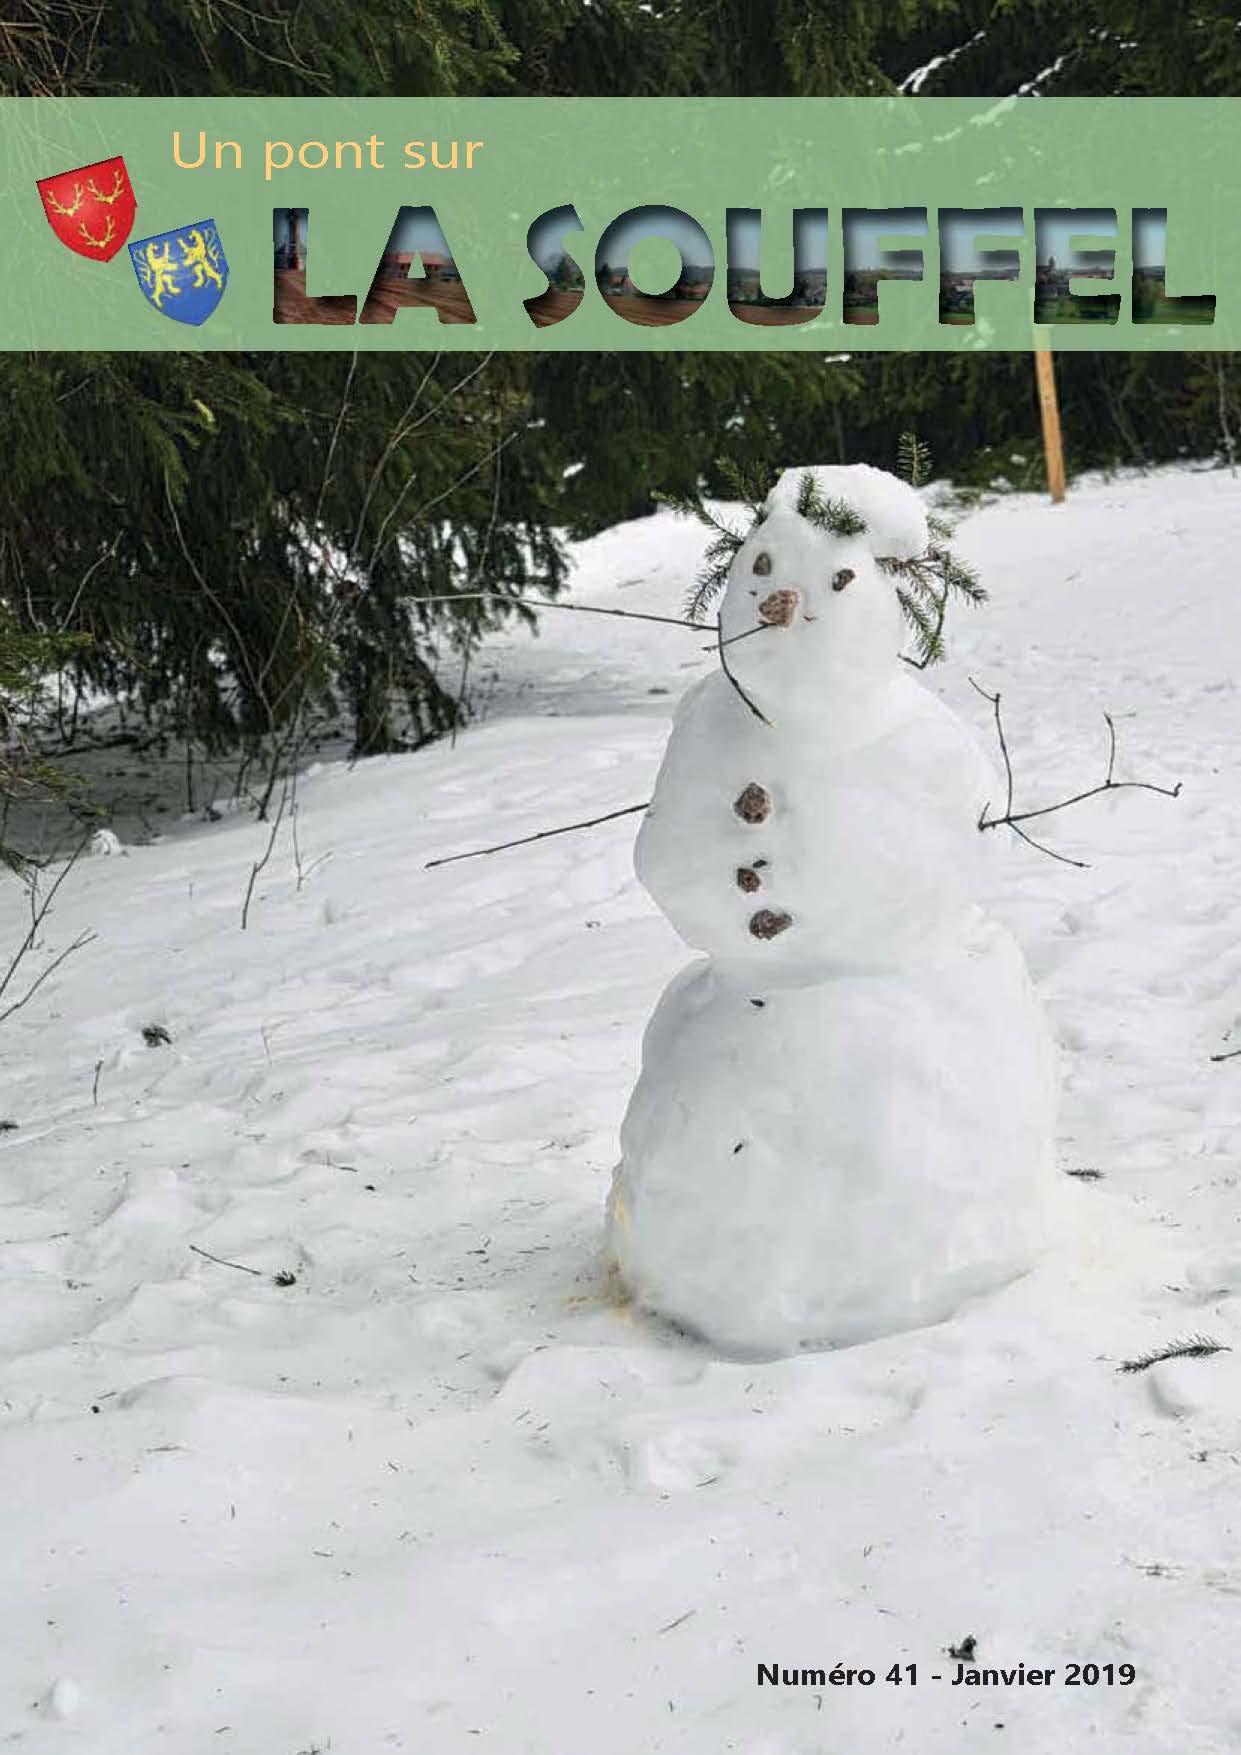 N°42 - Un Pont sur la Souffel - Janvier 2019